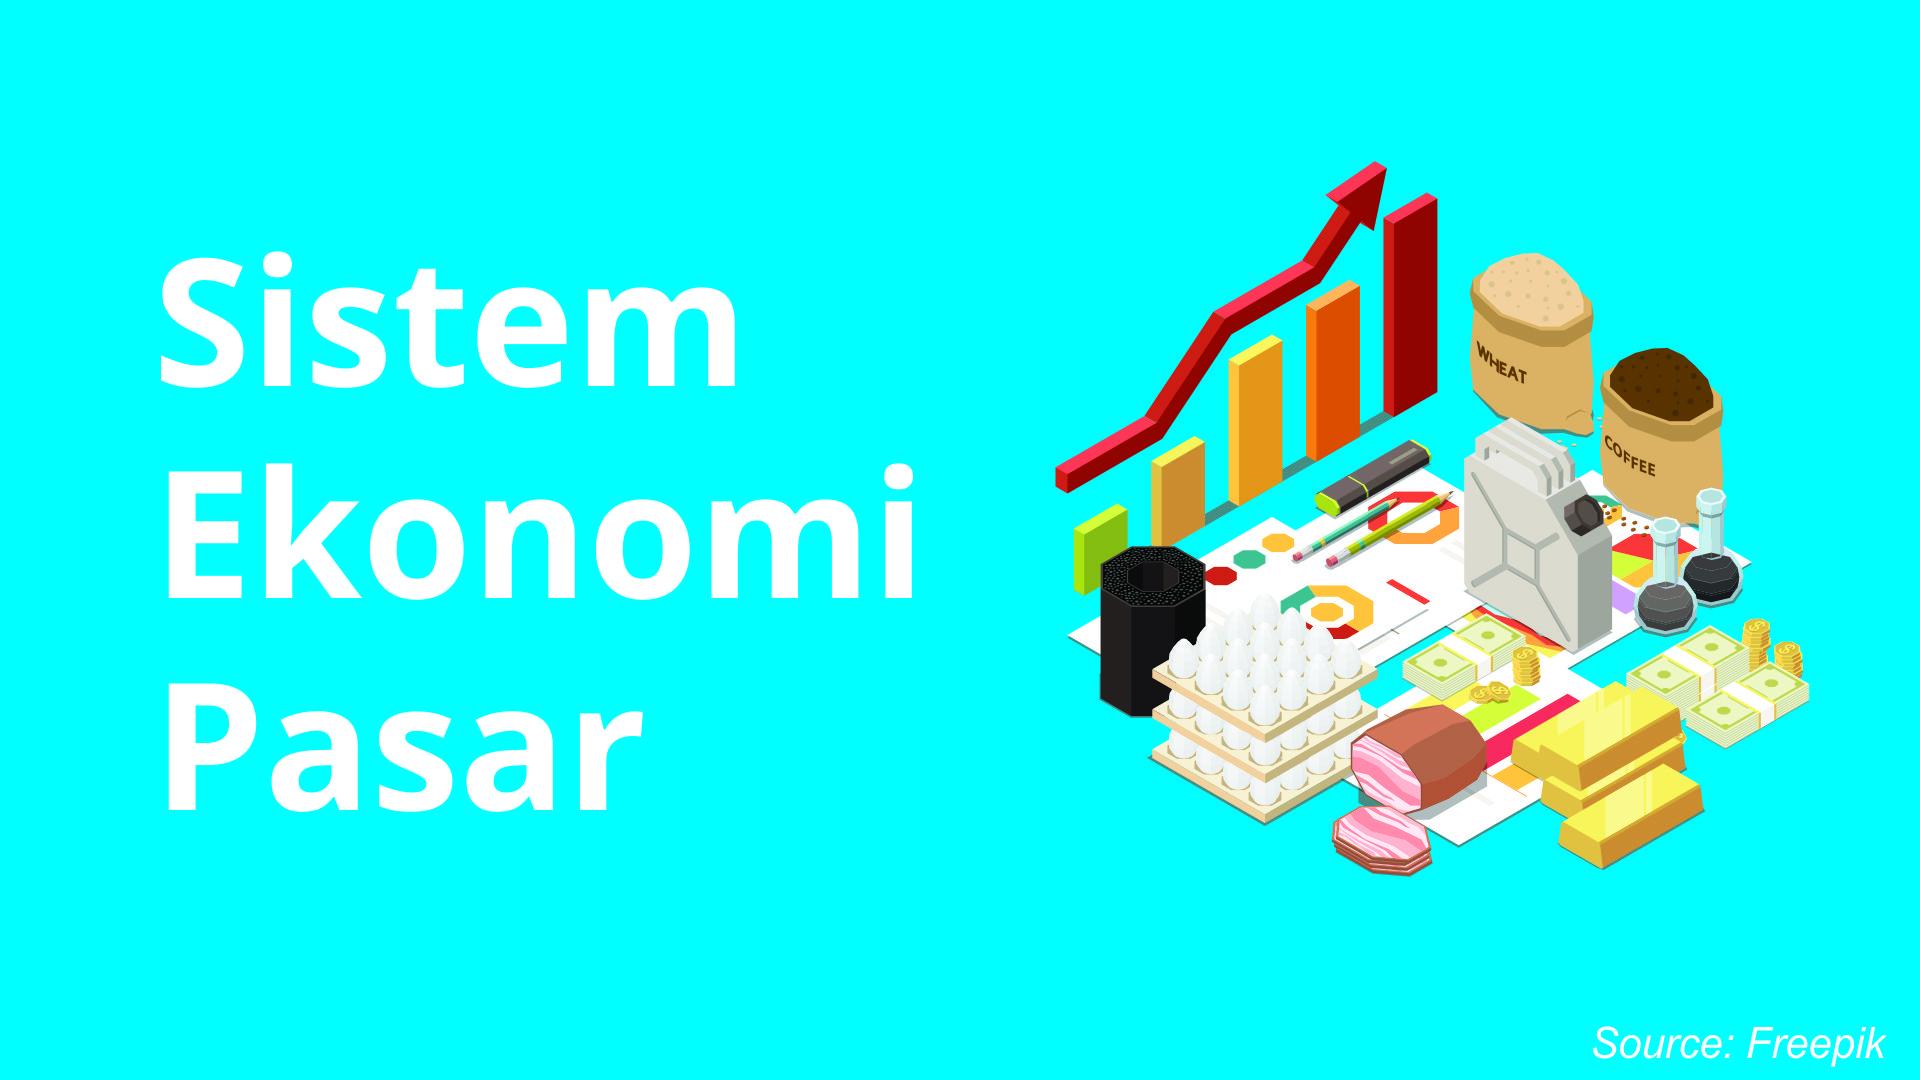 Sistem Ekonomi Pasar